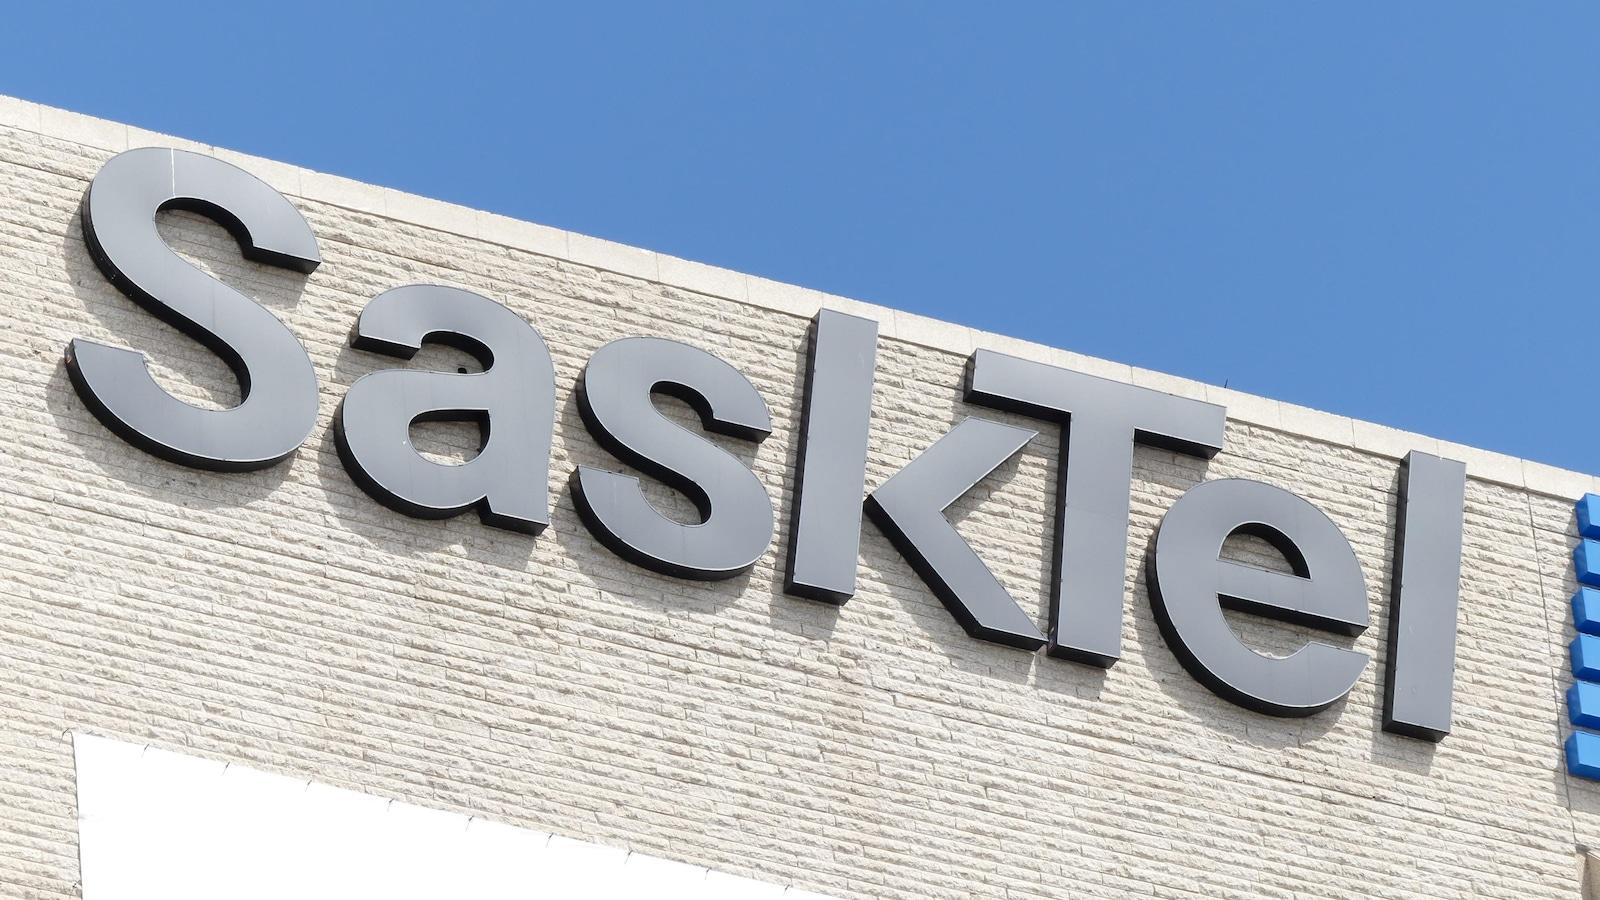 Logo de la société d'État SaskTel, sur la façade d'un immeuble.